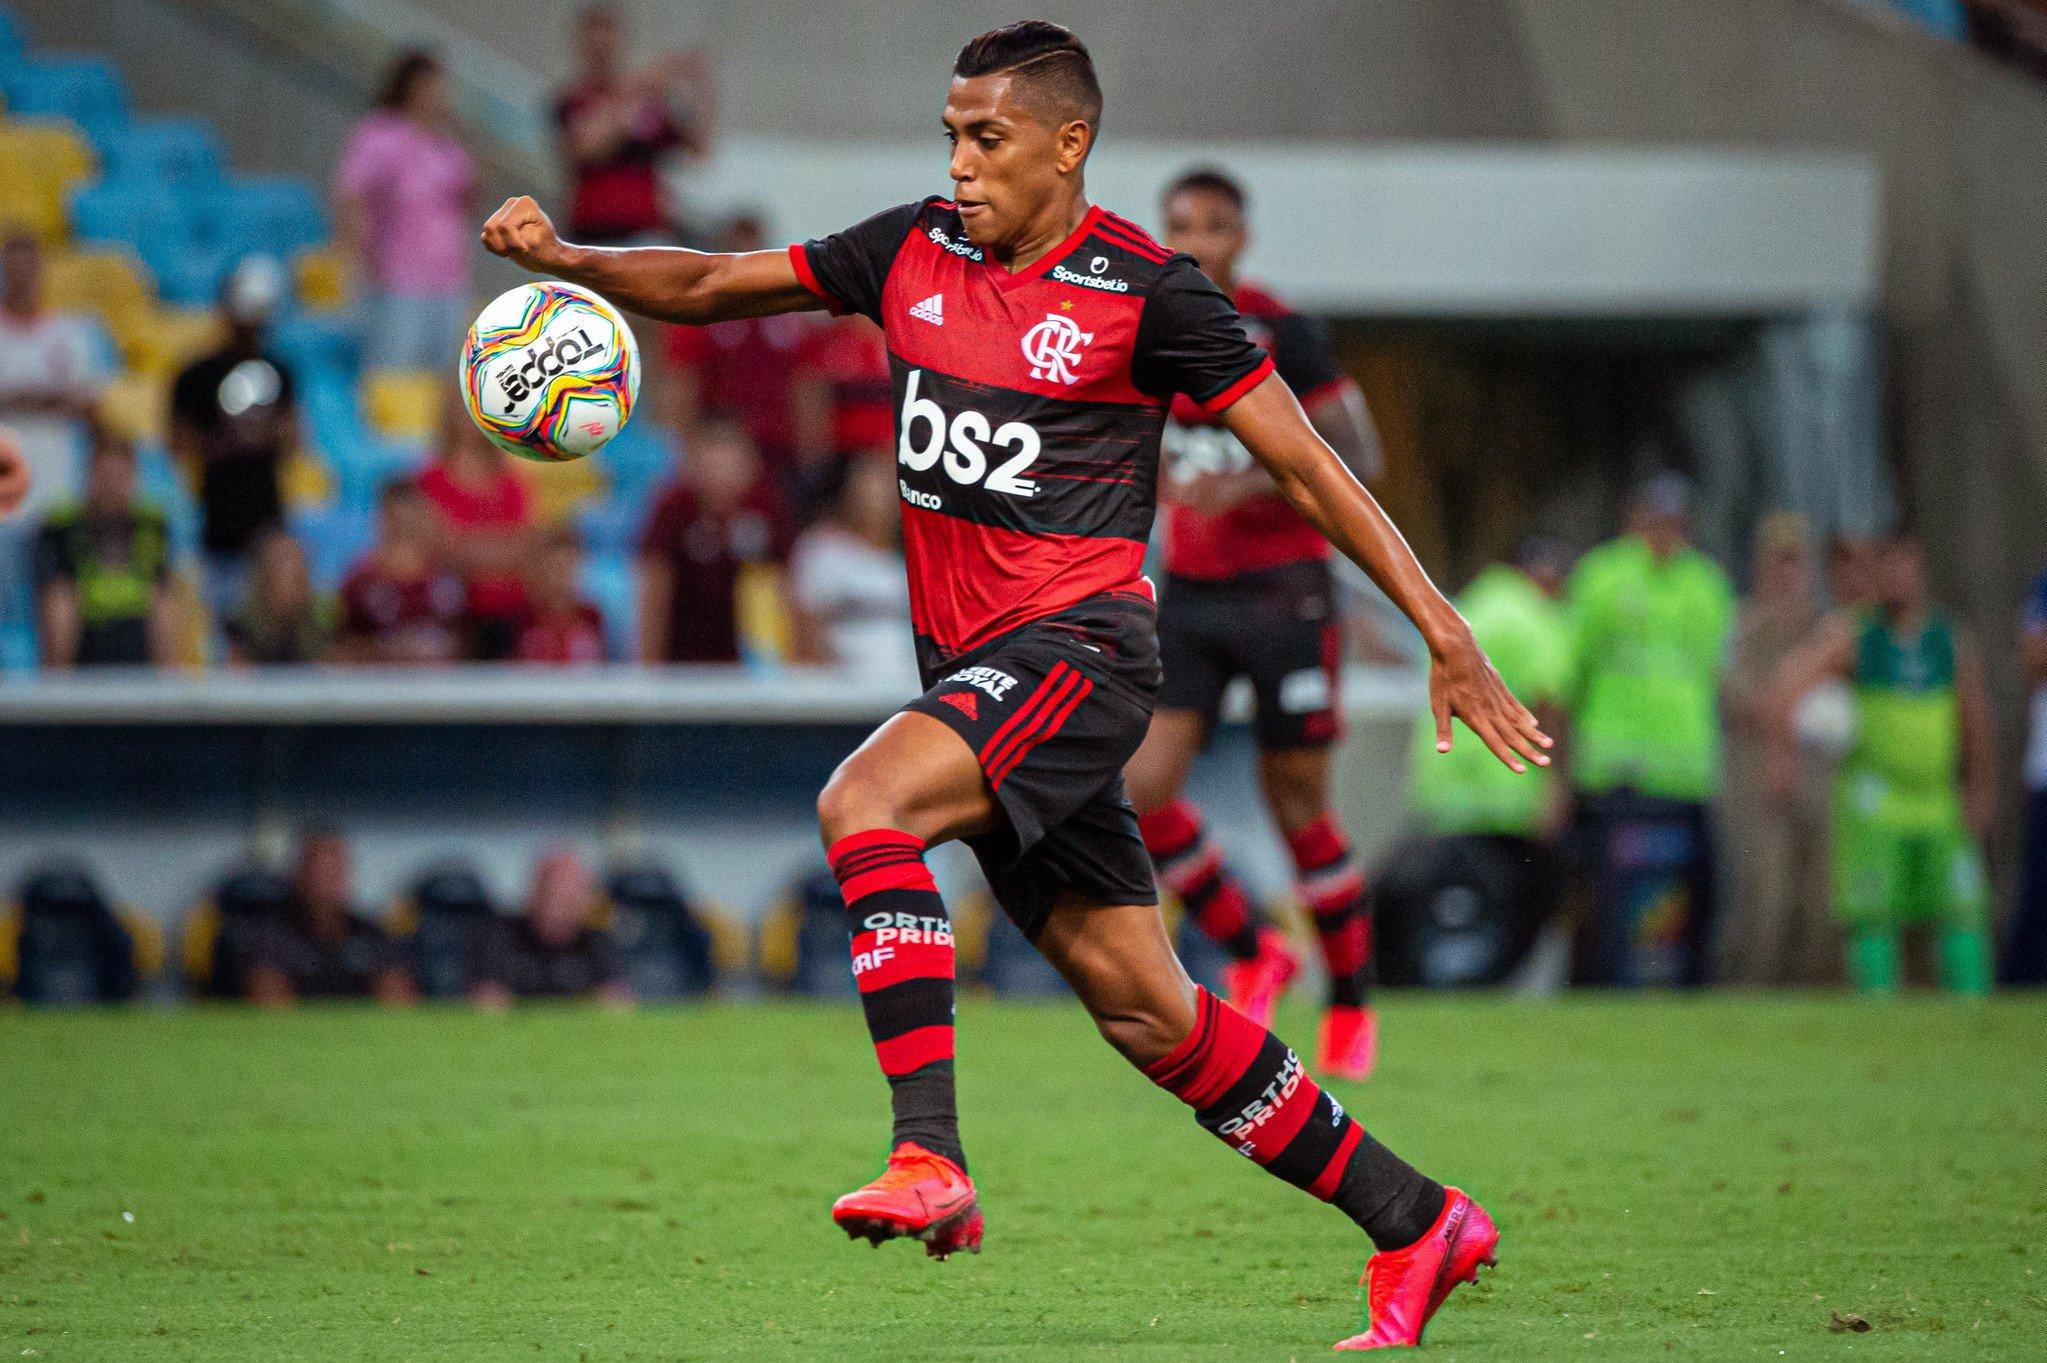 Pedro Rocha fala do dilema de ser jogador torcedor do Flamengo